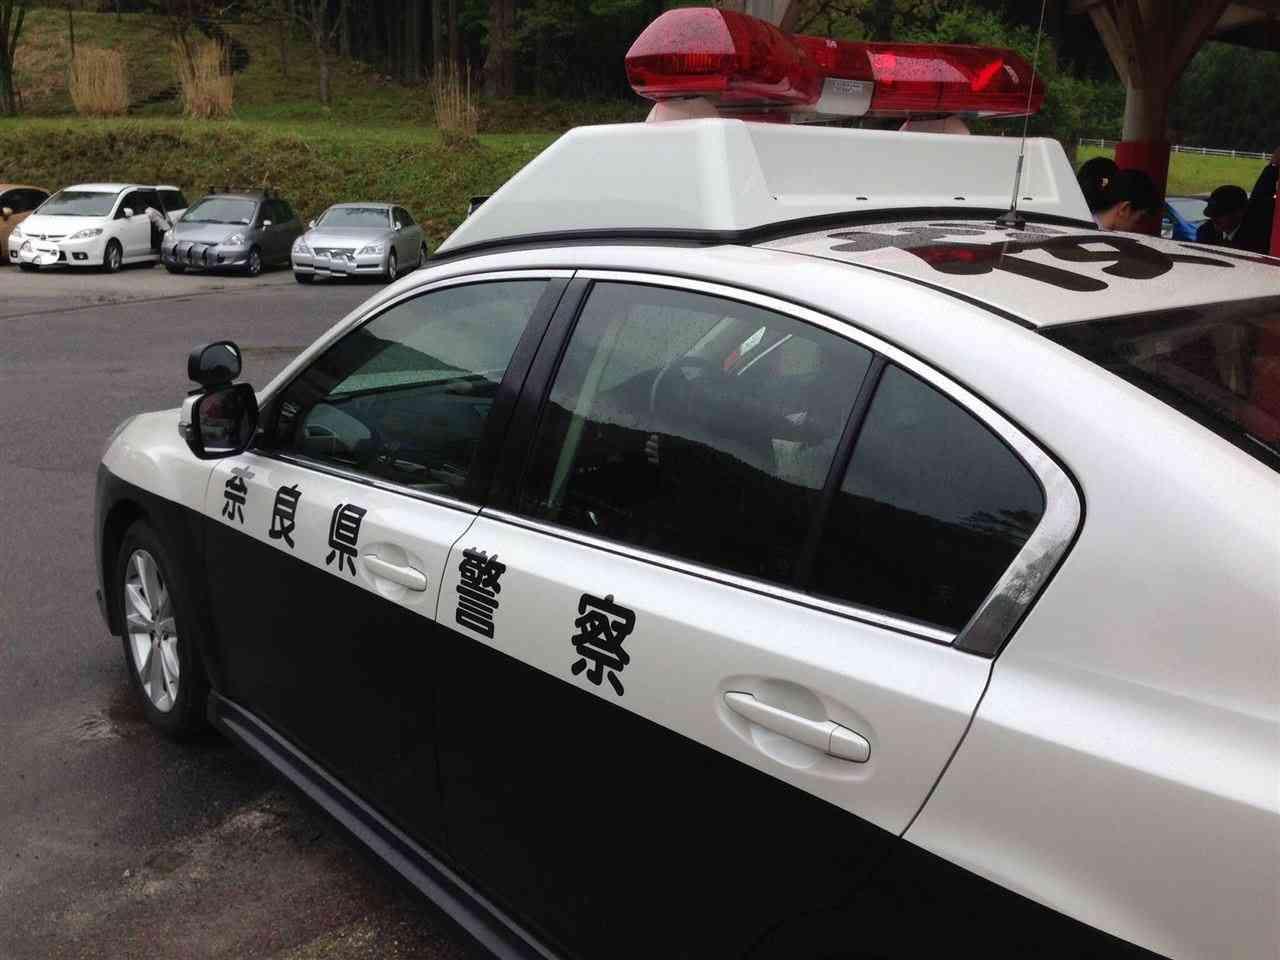 勾留男性死亡は「警官による暴行が原因」、法医が異例の告発状 受理の奈良県警が捜査へ